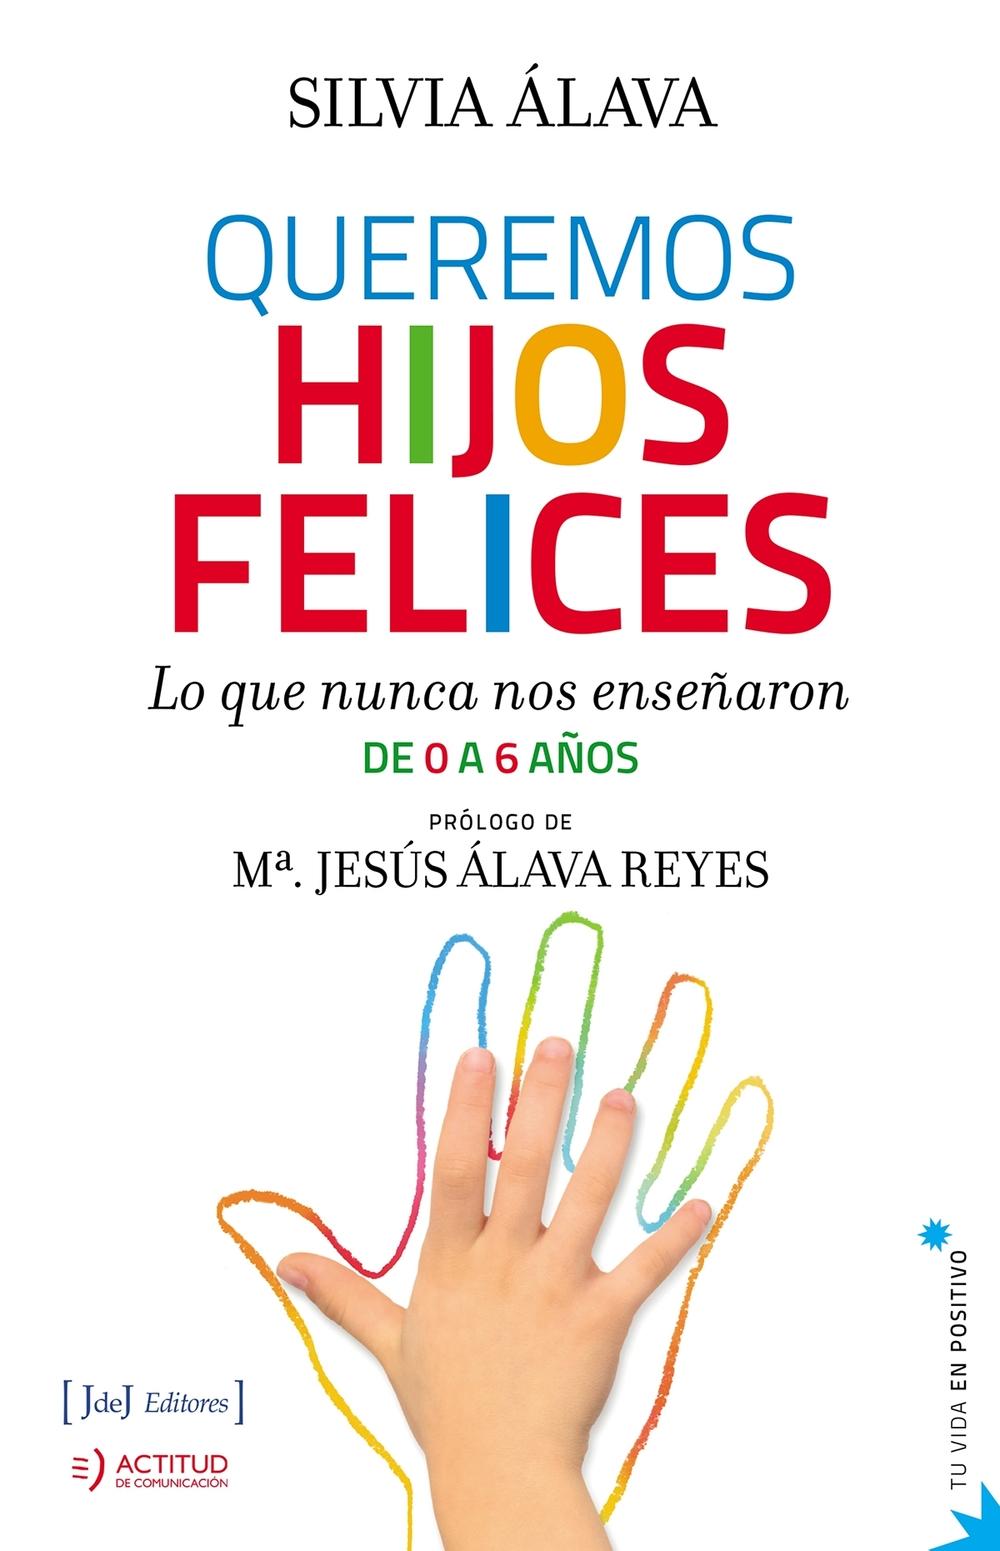 Queremos Hijos Felices - Silvia Alava Reyes